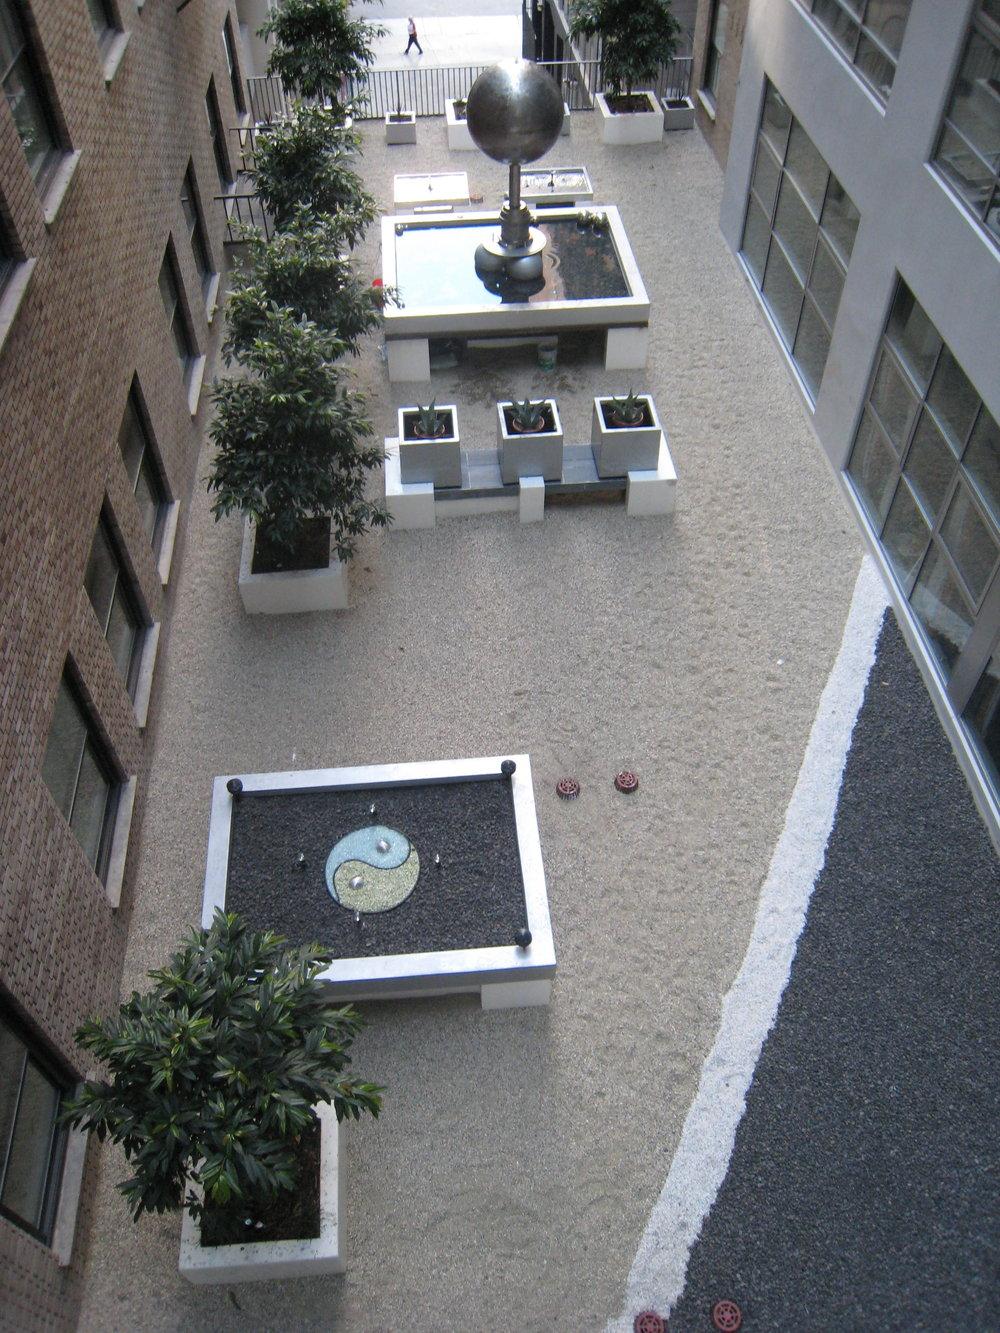 Ying Yang Courtyard